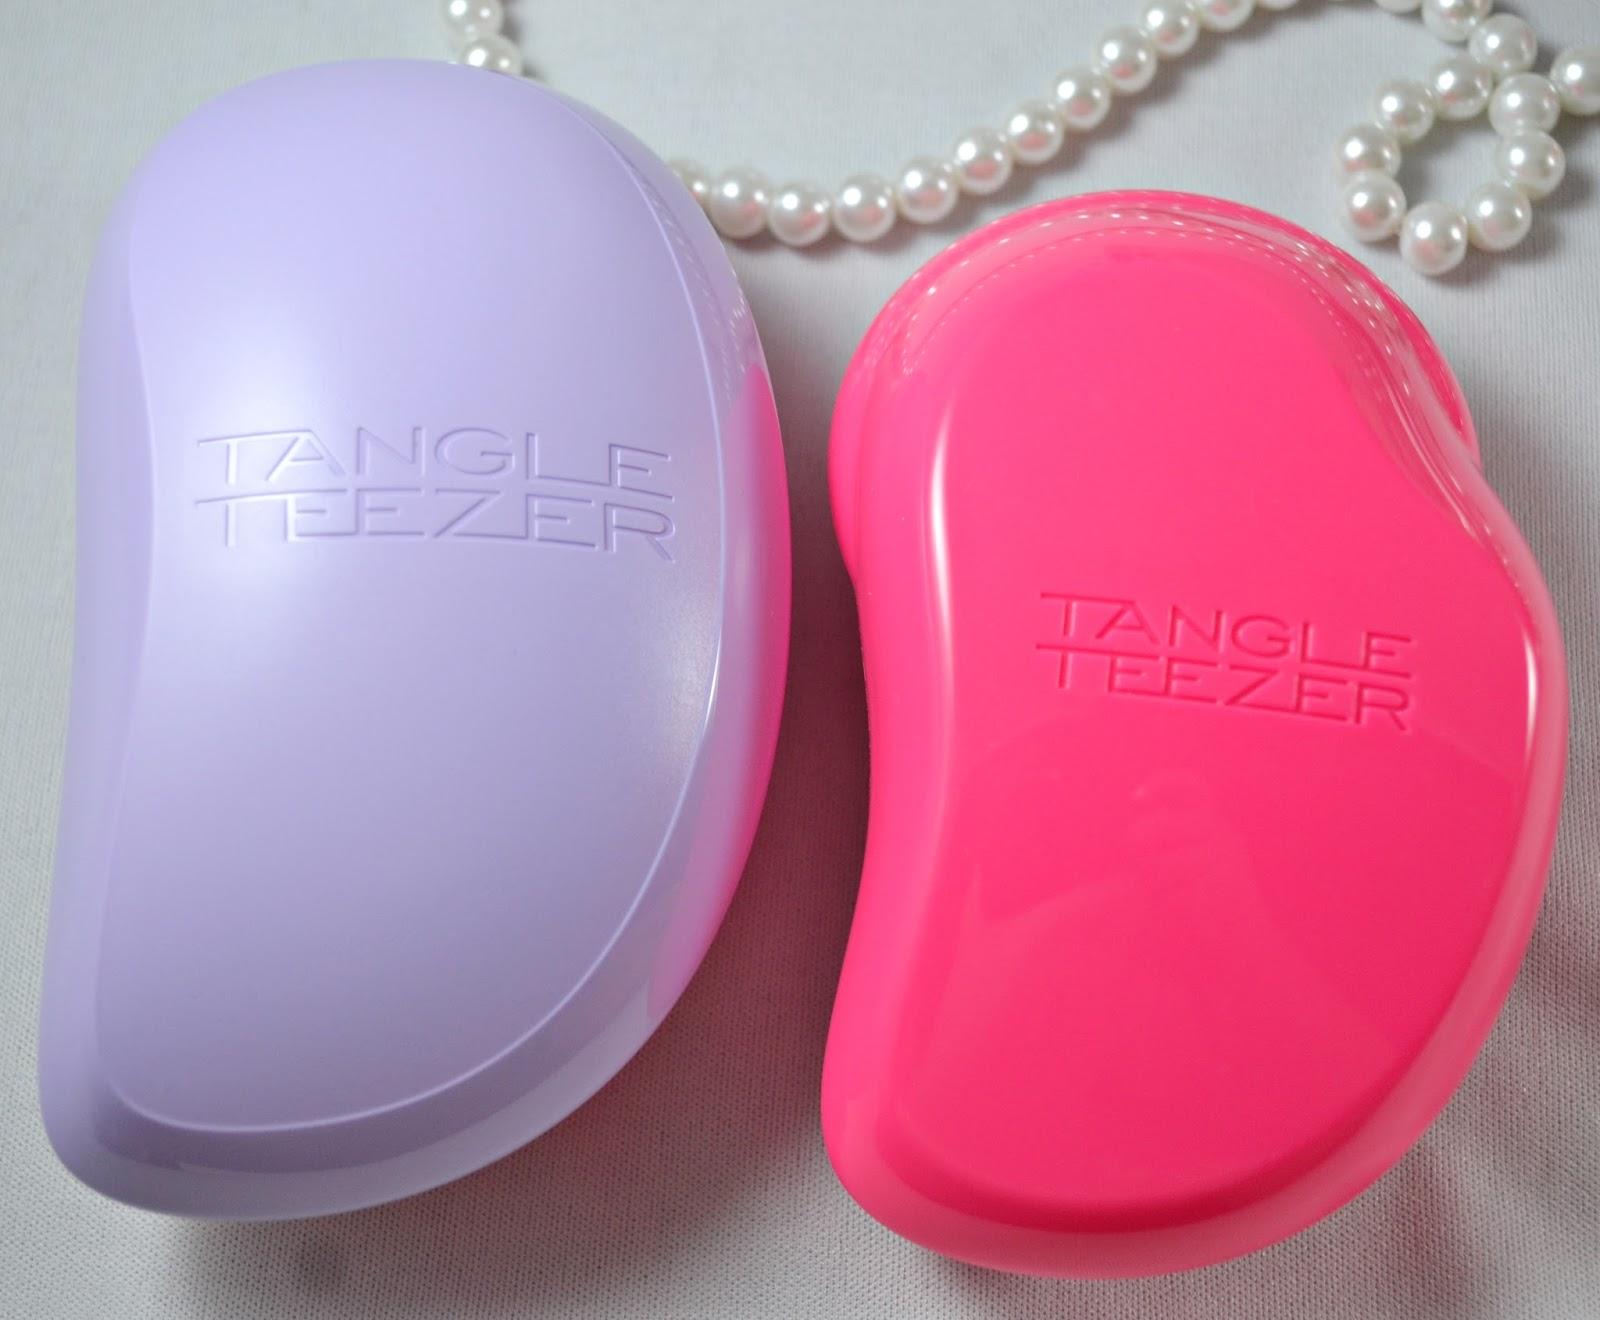 Tangle teezer original vs salon elite all about beauty 101 - Salon original ...